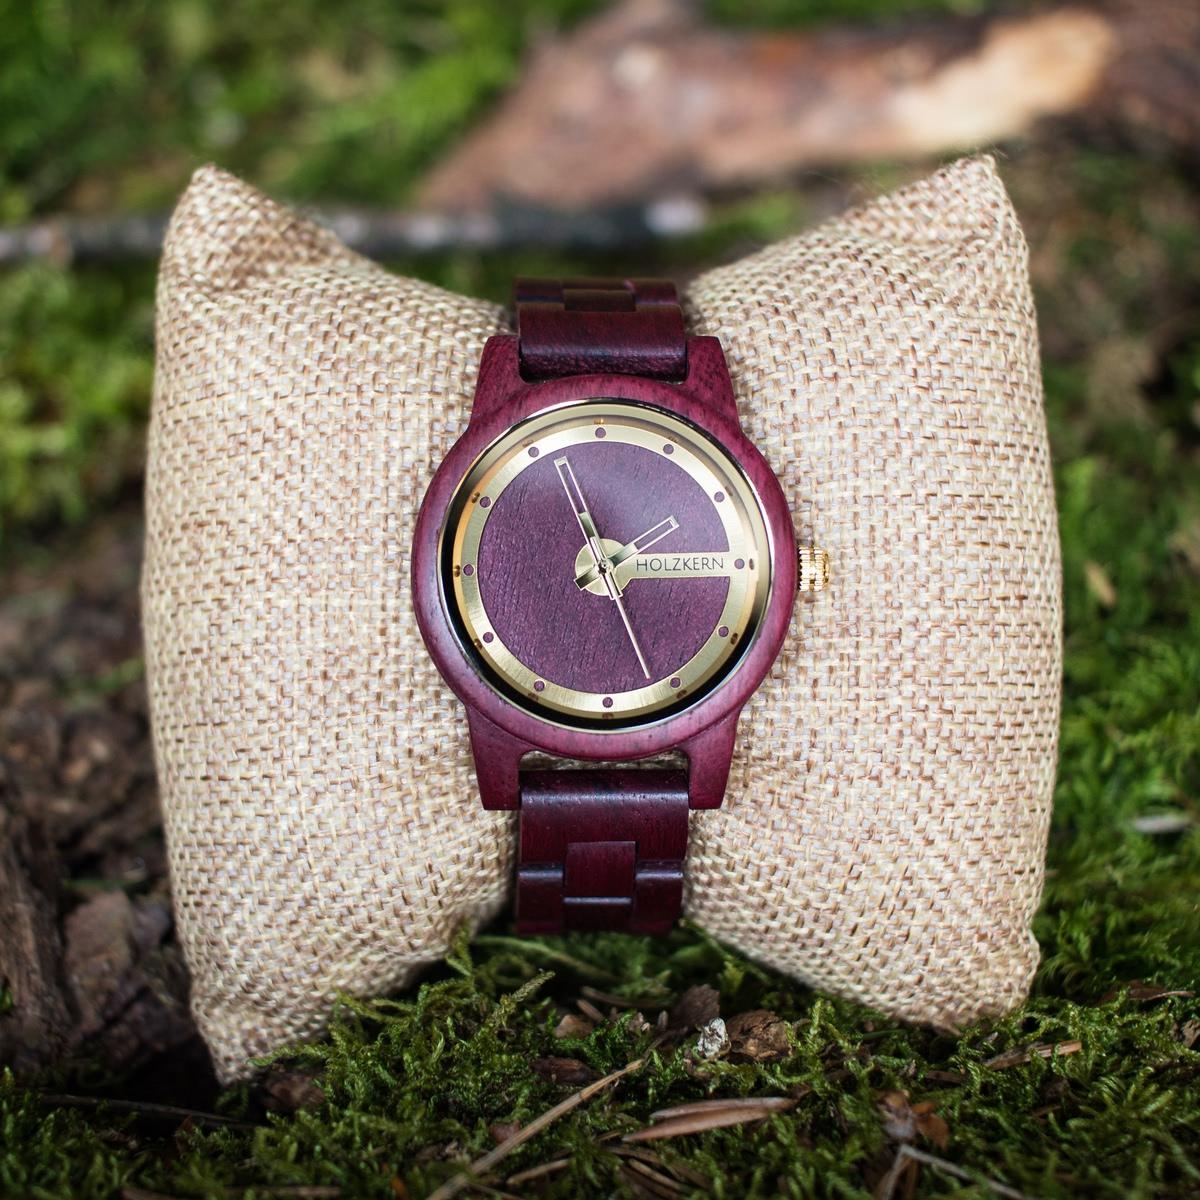 Damen Holzuhr der Marke Holzkern aus Amaranth auf einem Uhrenpolster im Wald